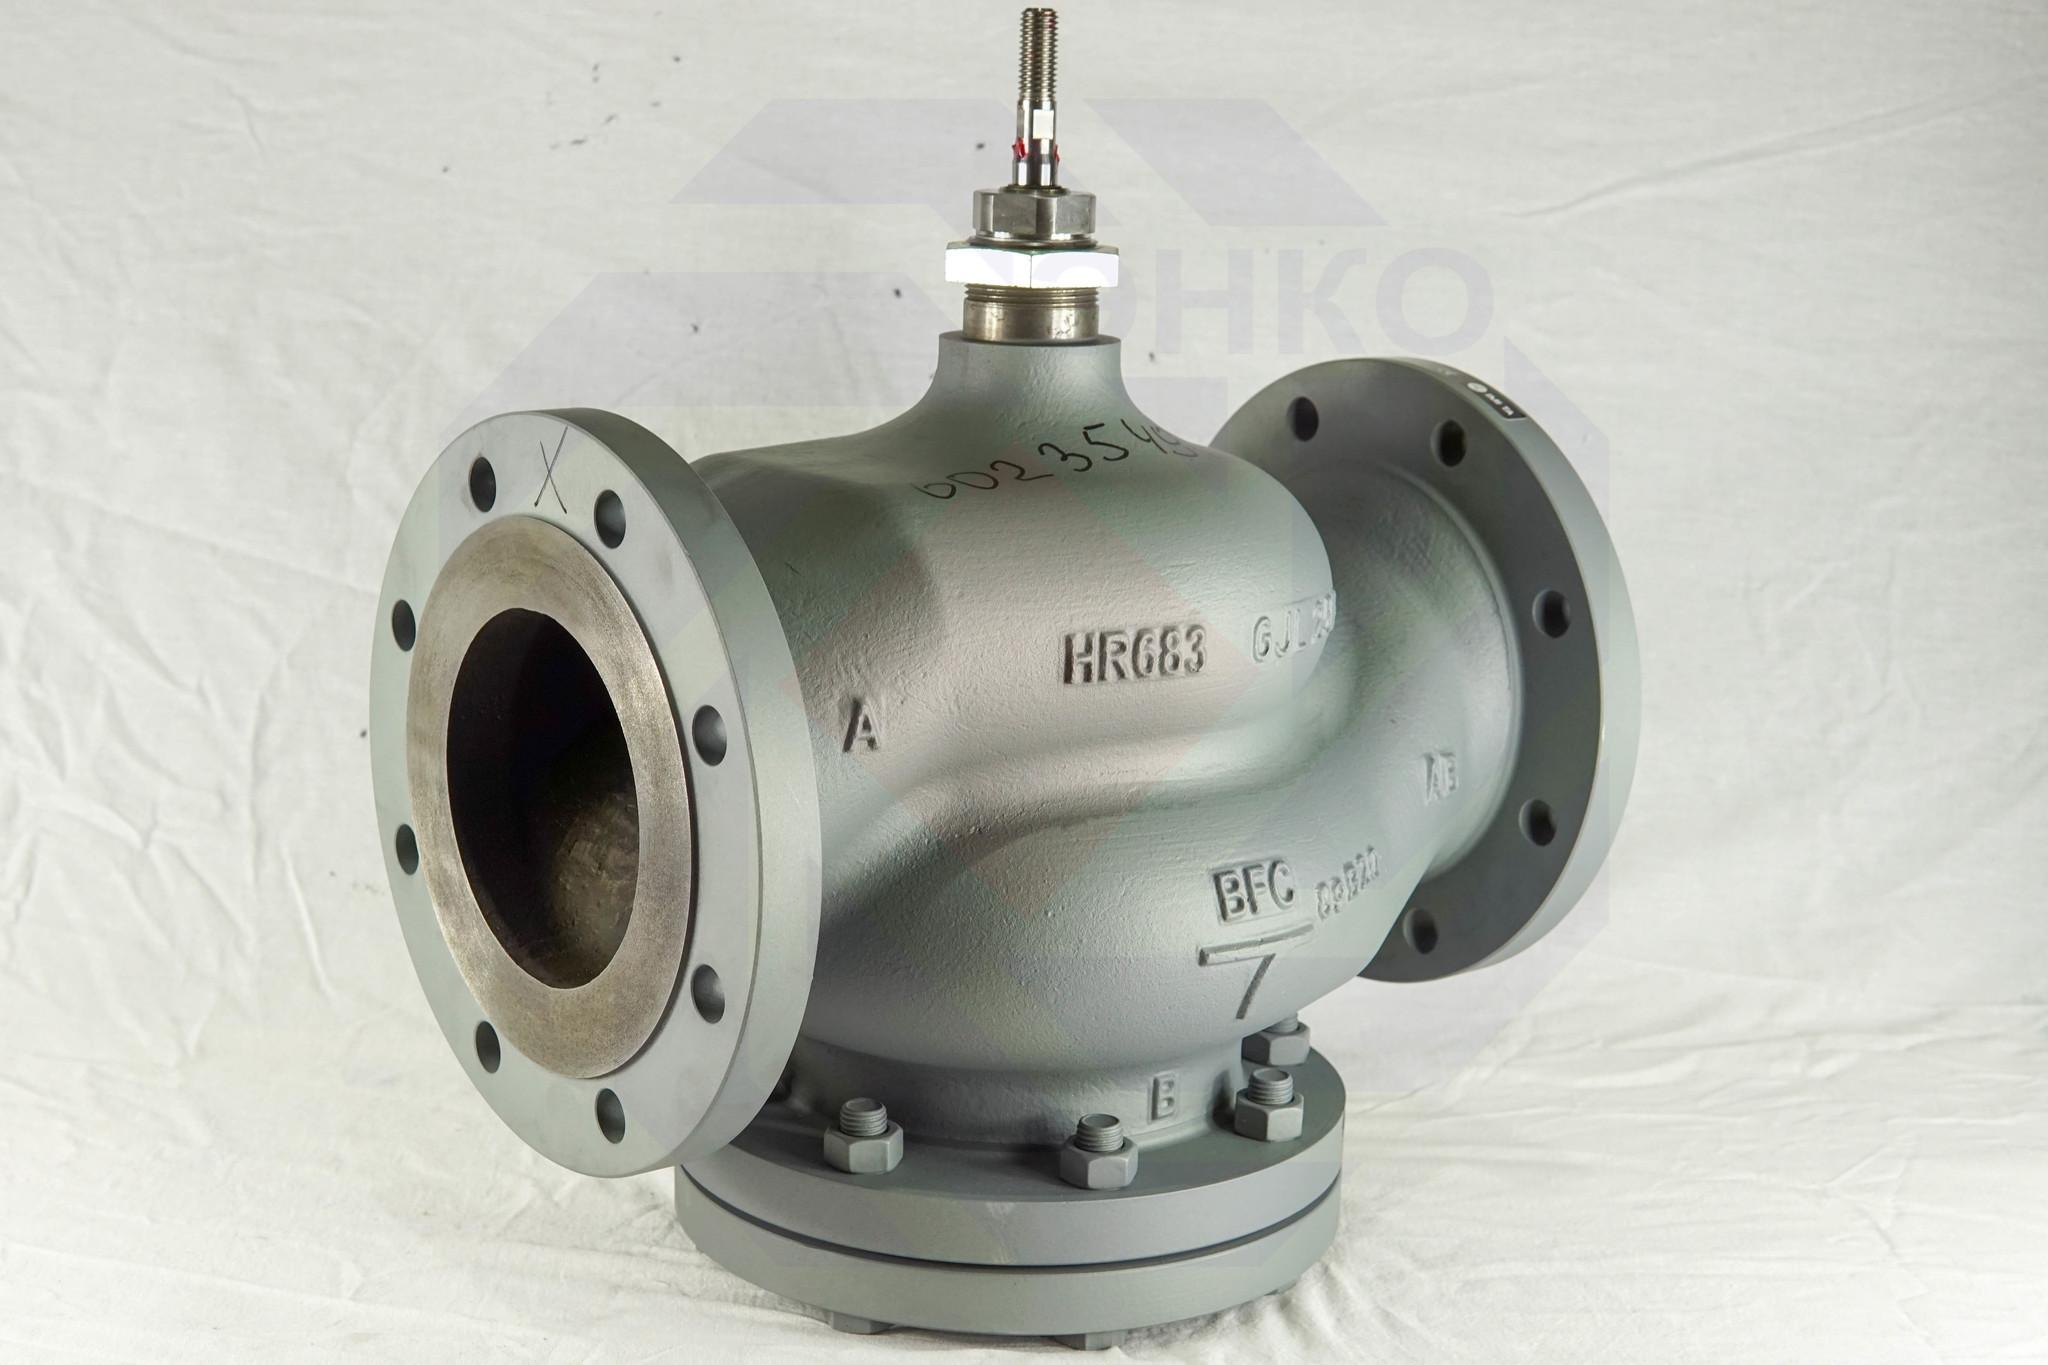 Клапан регулирующий двухходовой IMI CV216 GG DN 125